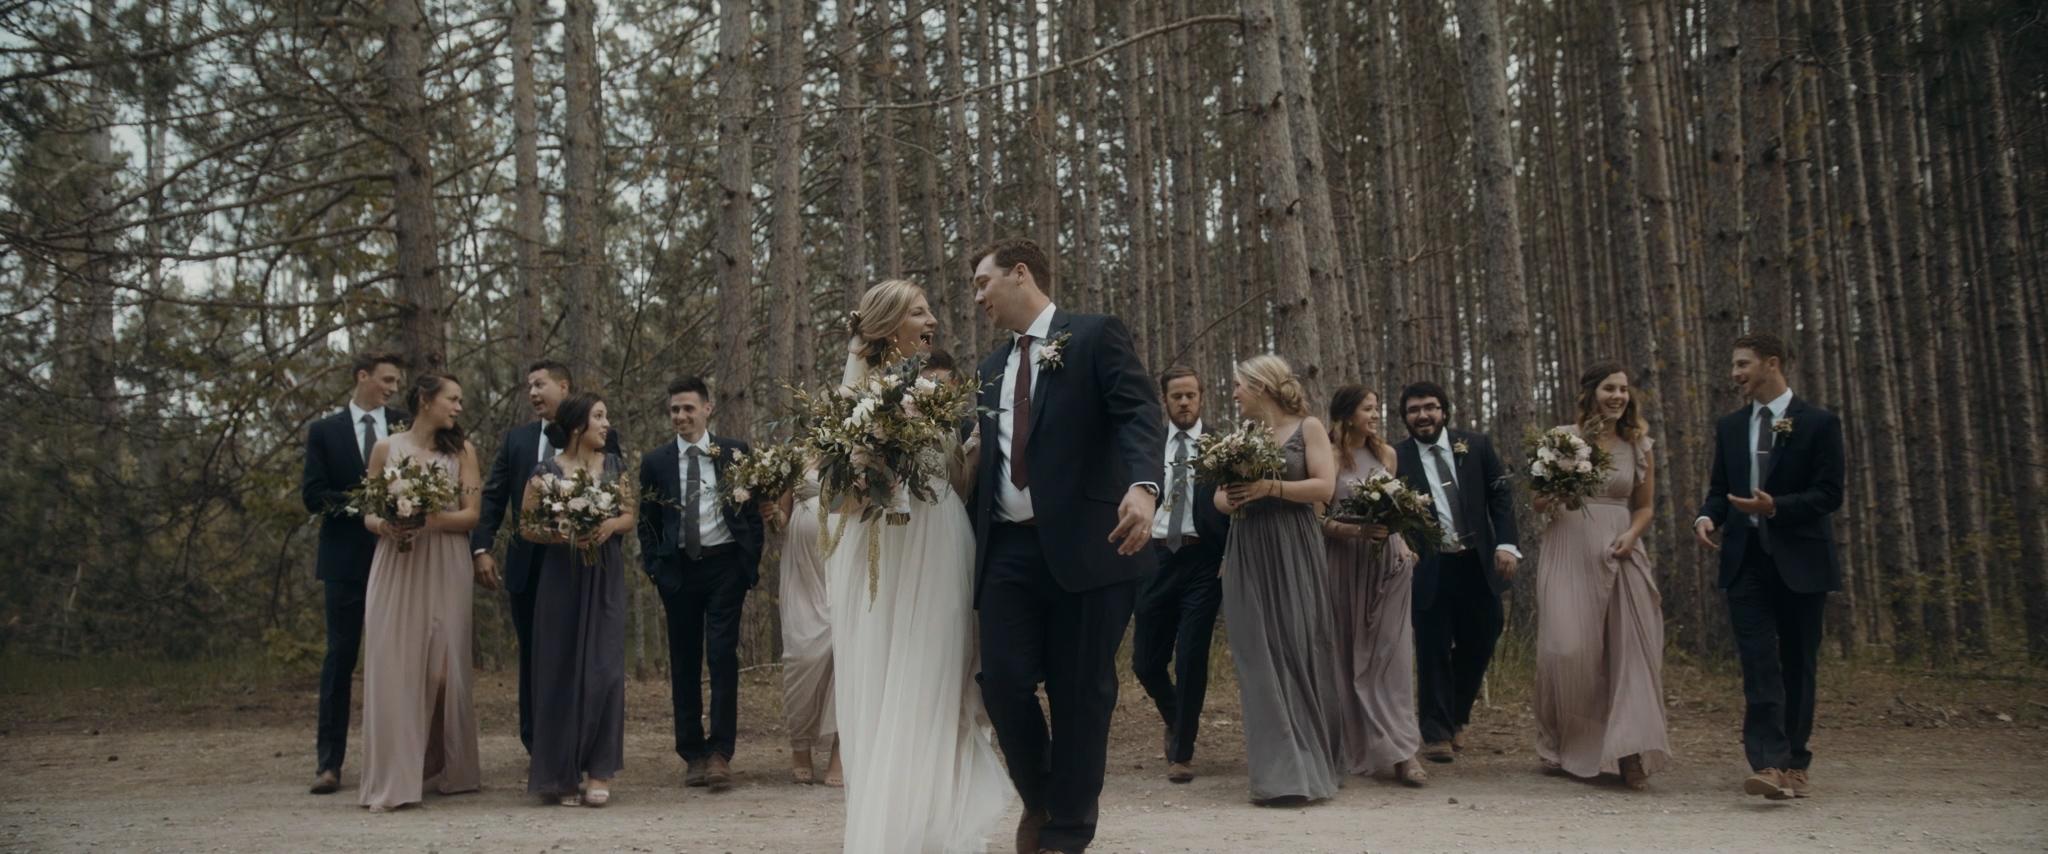 HAVENS_Wedding_Film.00_04_15_23.Still051.jpg